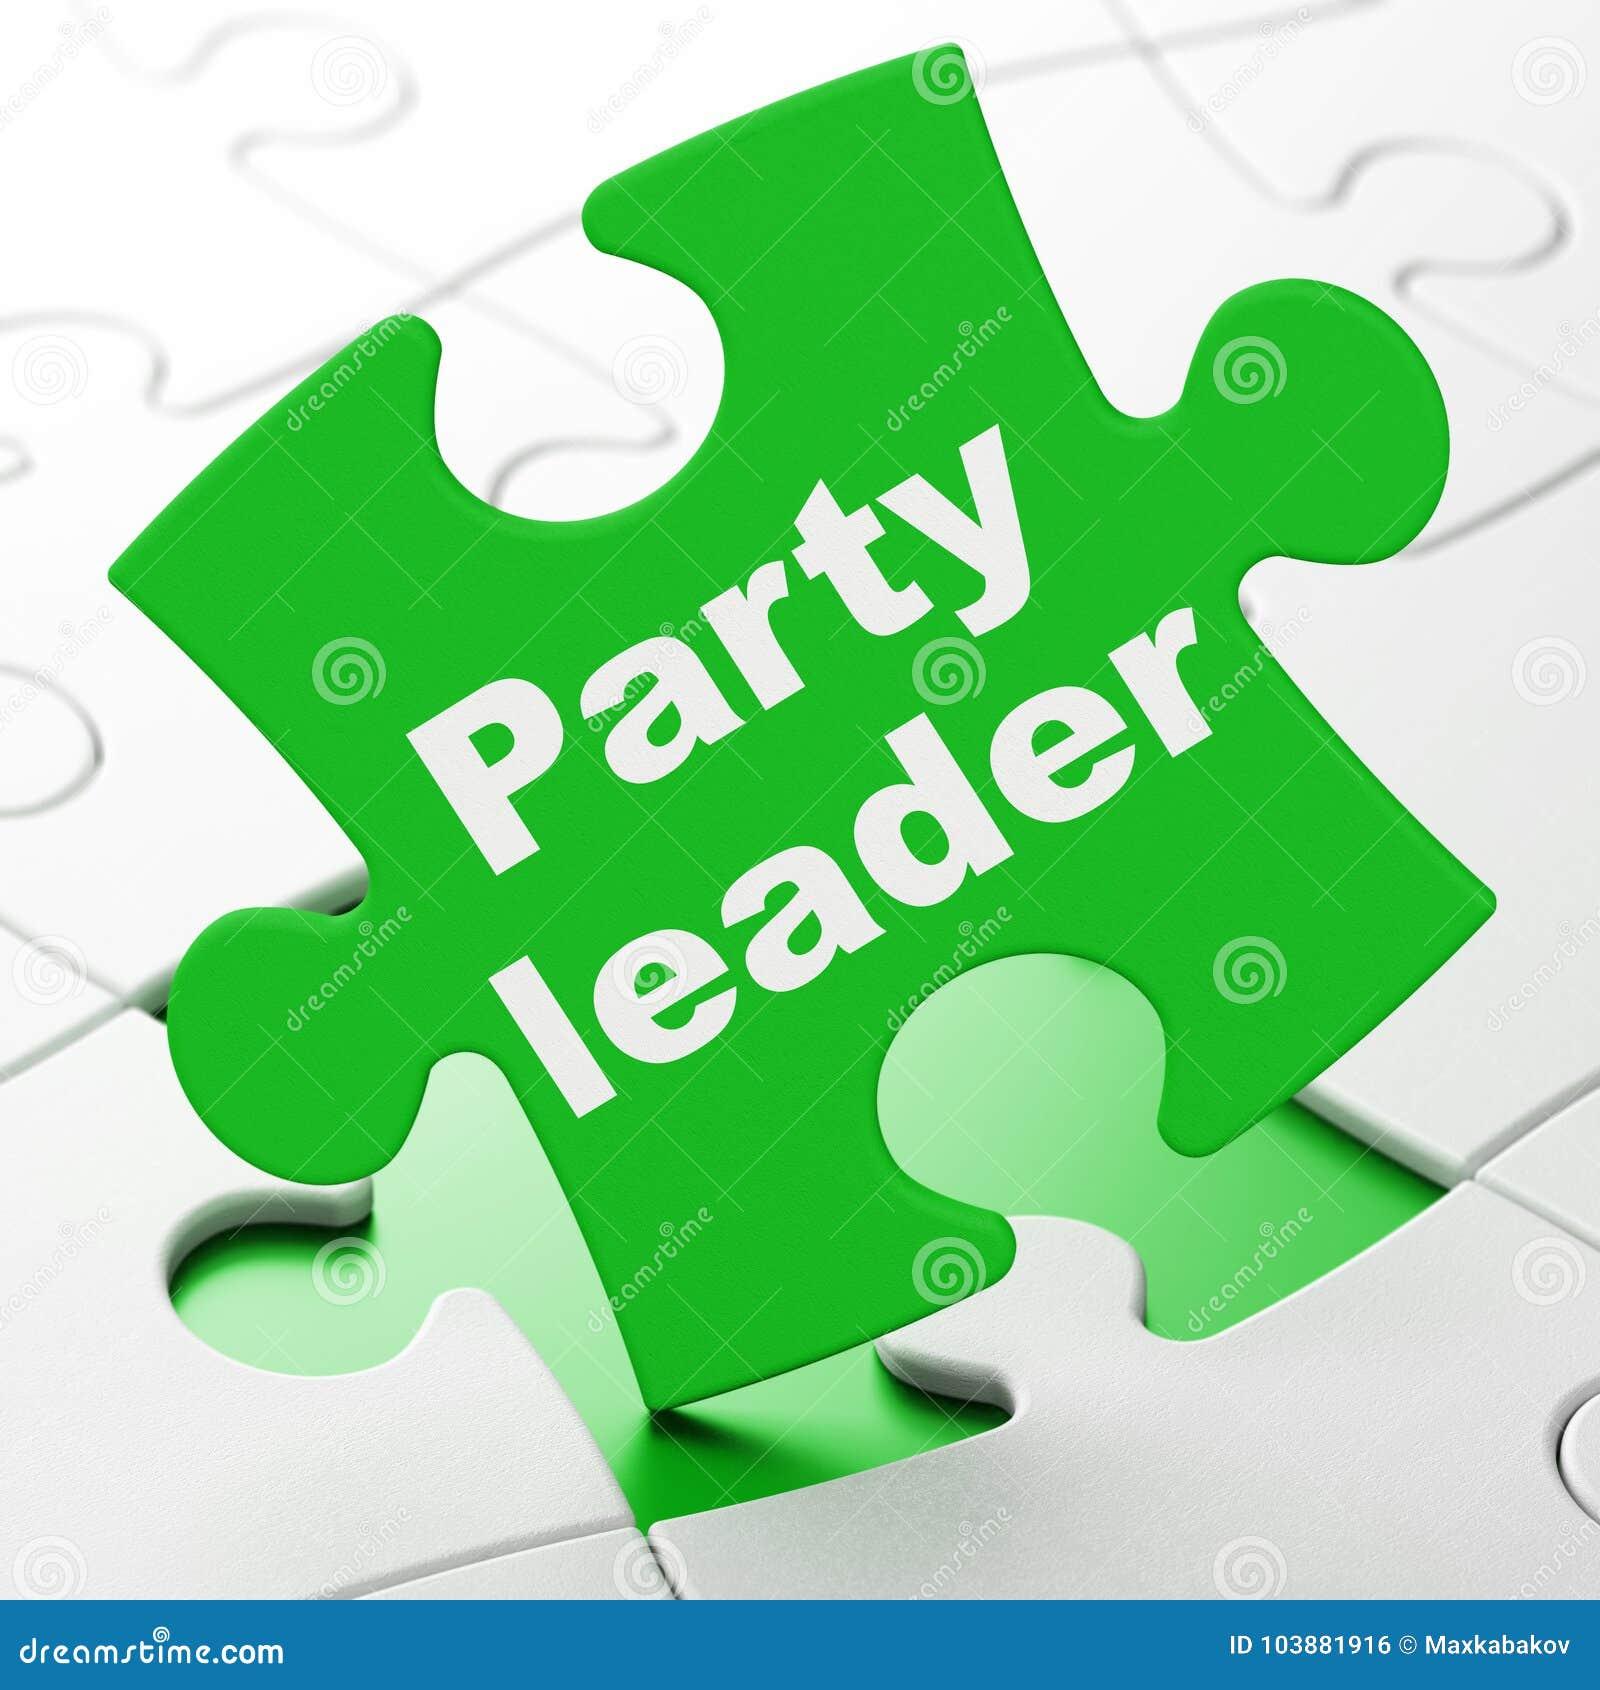 Conceito político: Líder partidário no fundo do enigma